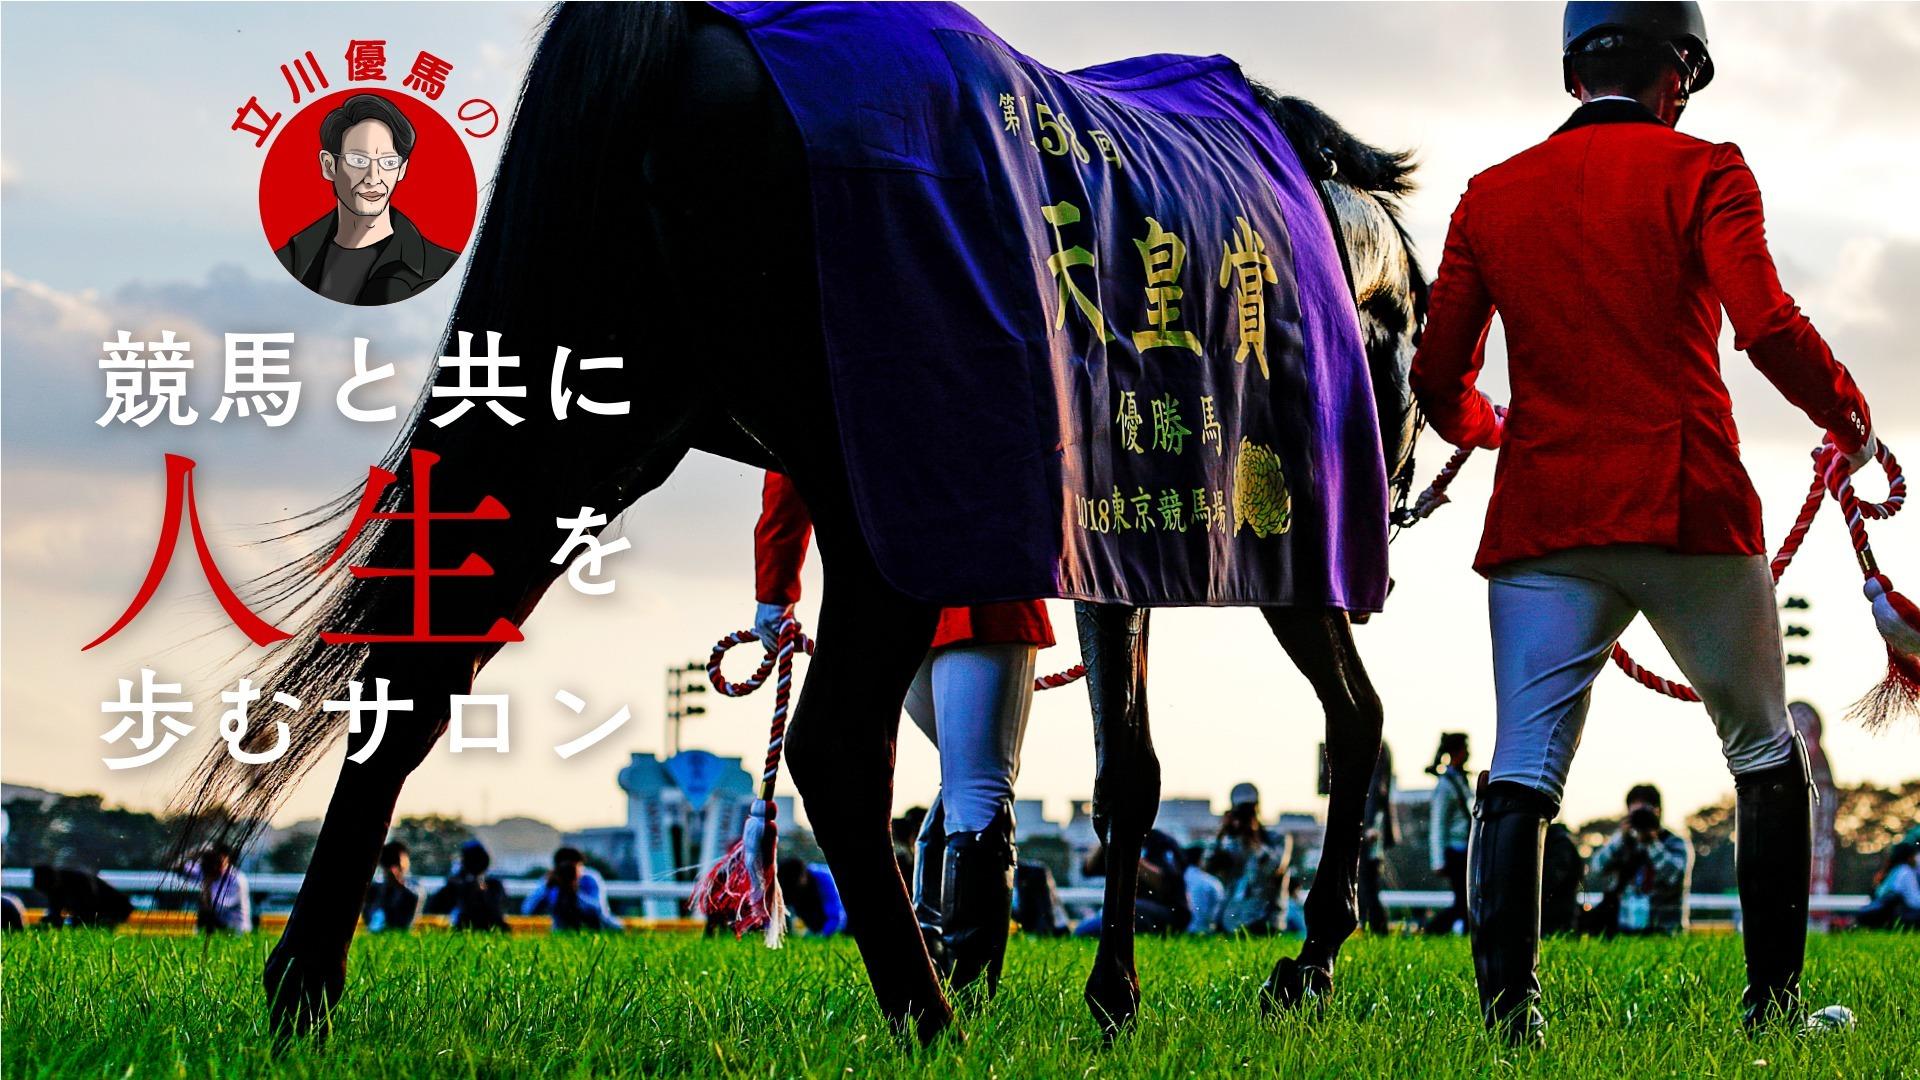 立川優馬 - 立川優馬の競馬と共に人生を歩むサロン - DMM オンラインサロン